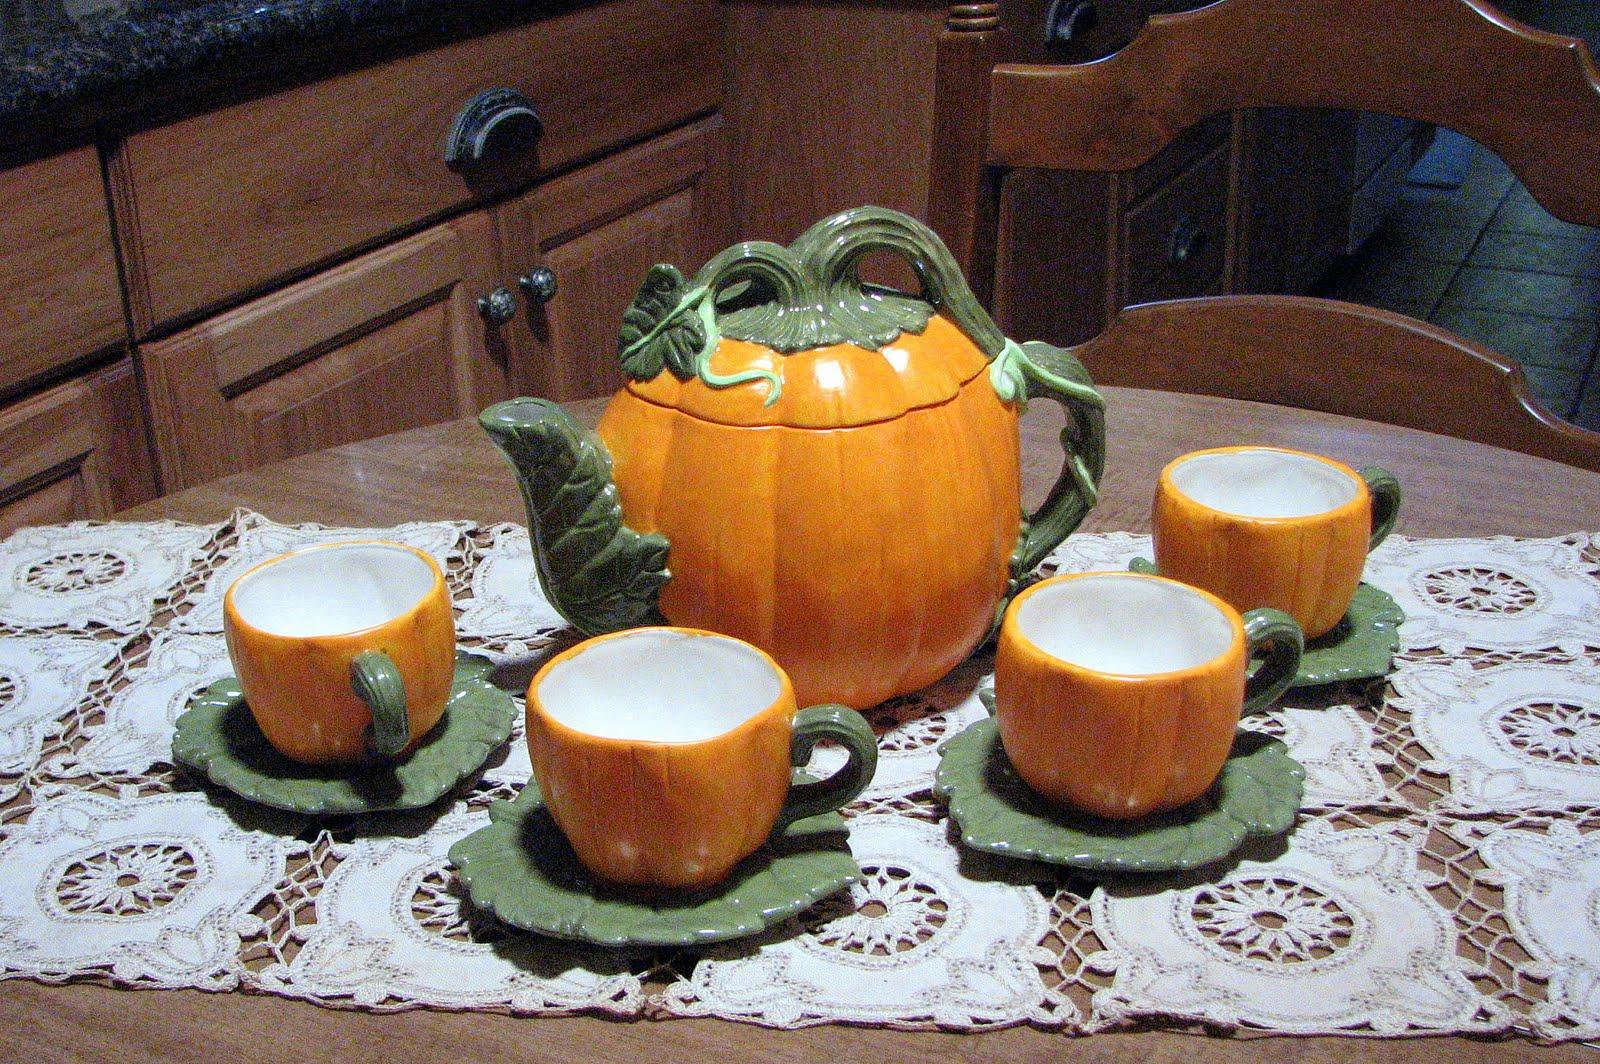 Ceramic Pumpkin Home Decor